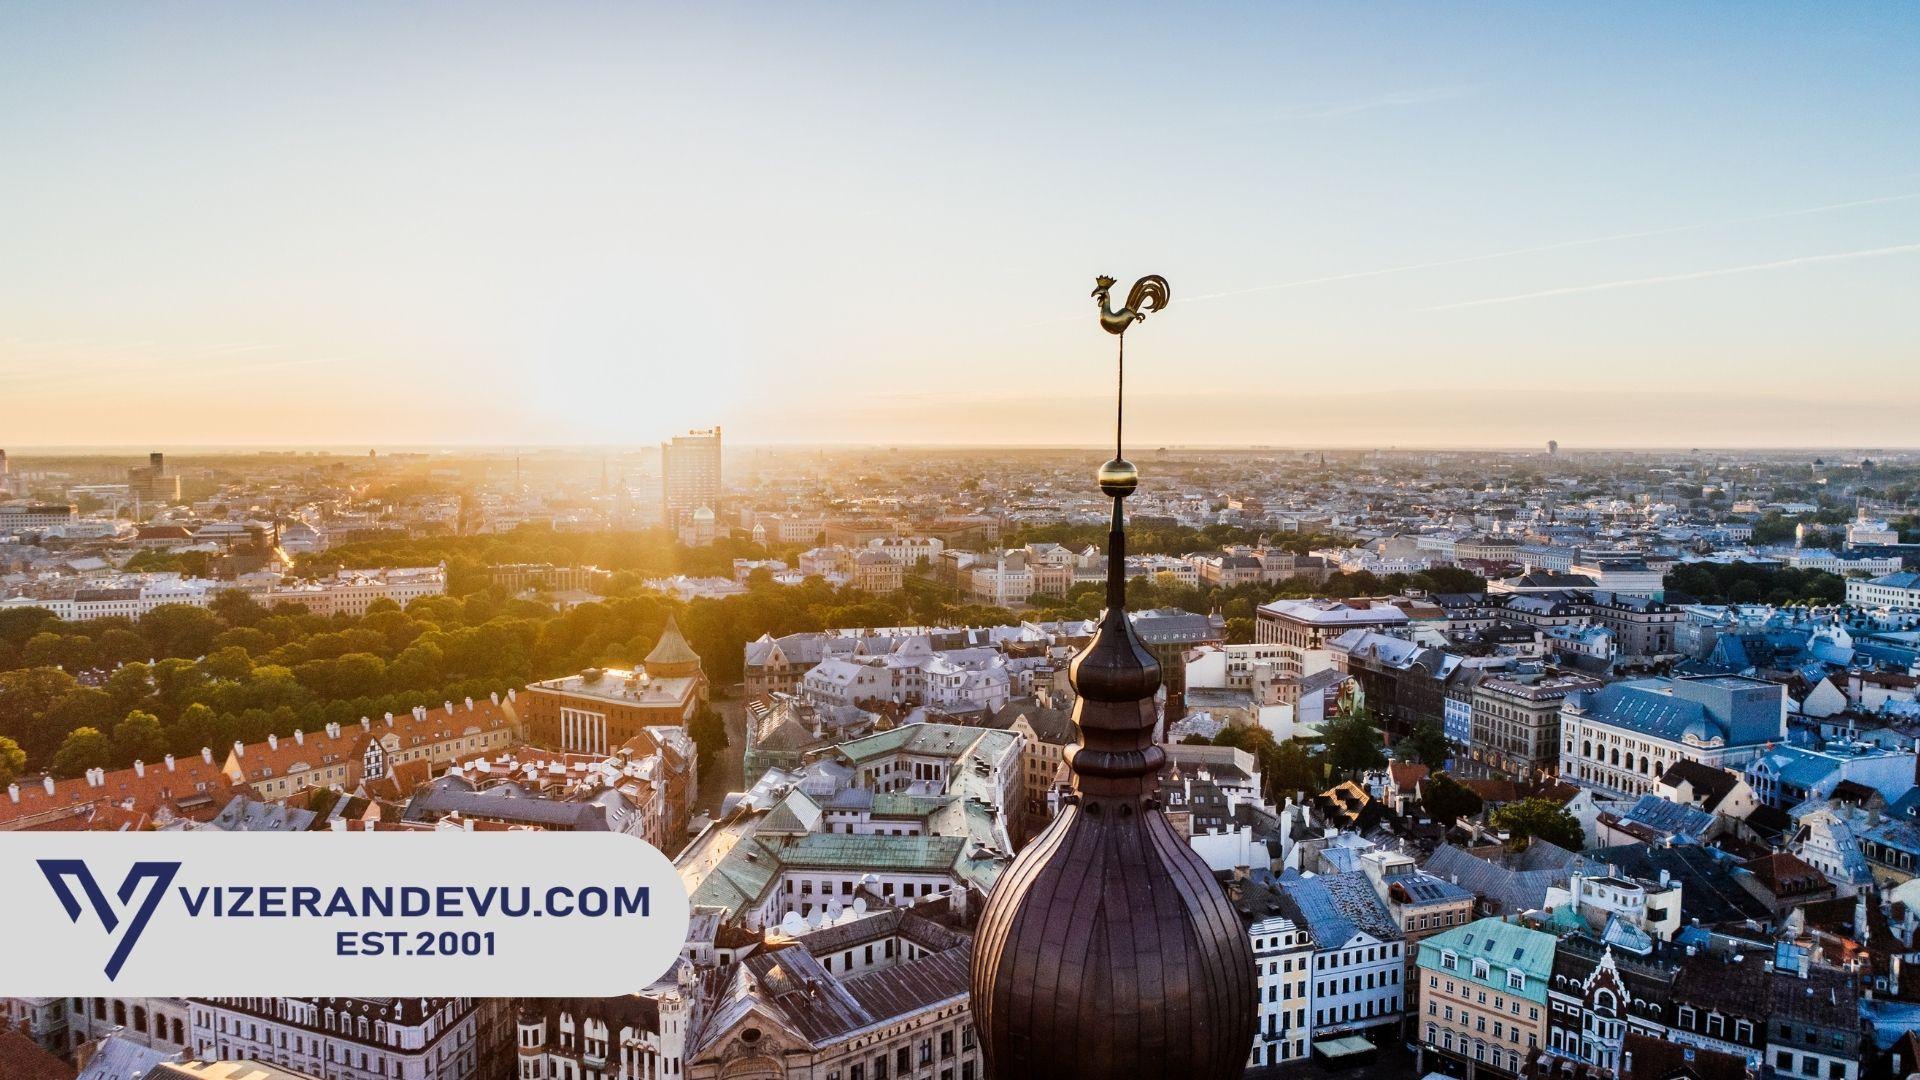 Letonya Vize Reddi ve Çözümü (2021)